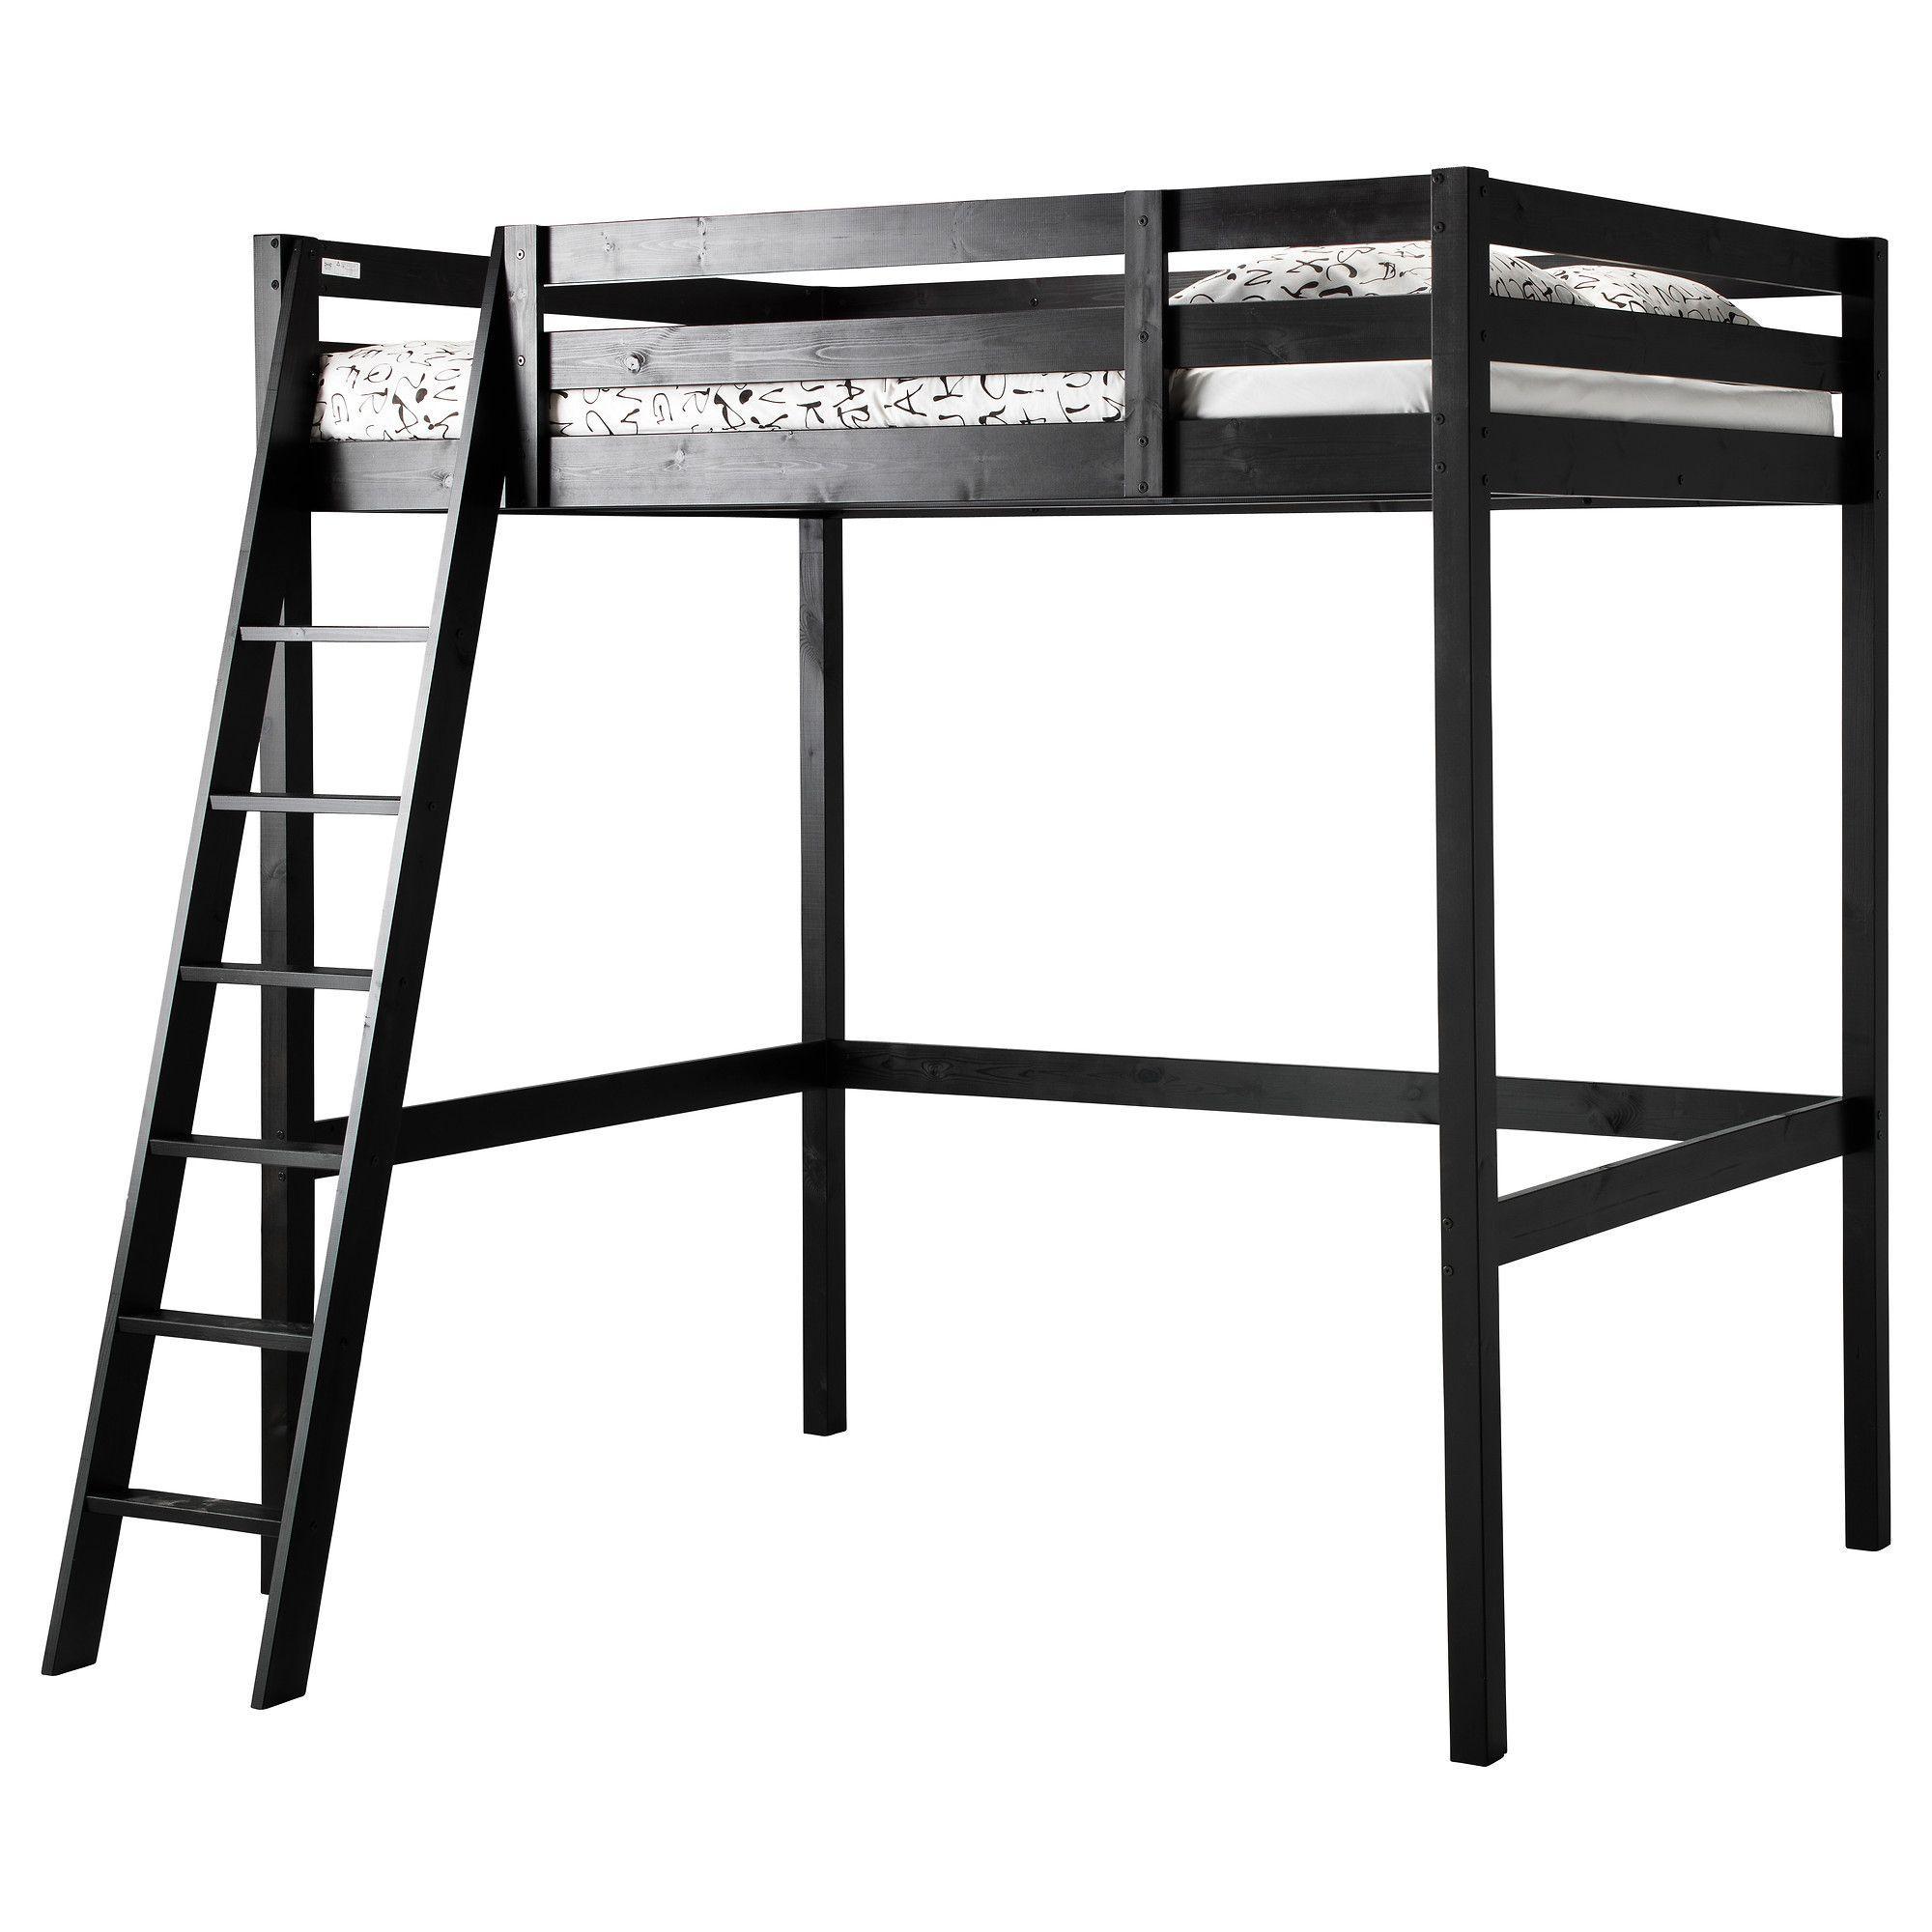 STORÅ Loft bed frame, black | Pinterest | Camas altas, Ikea y Camas